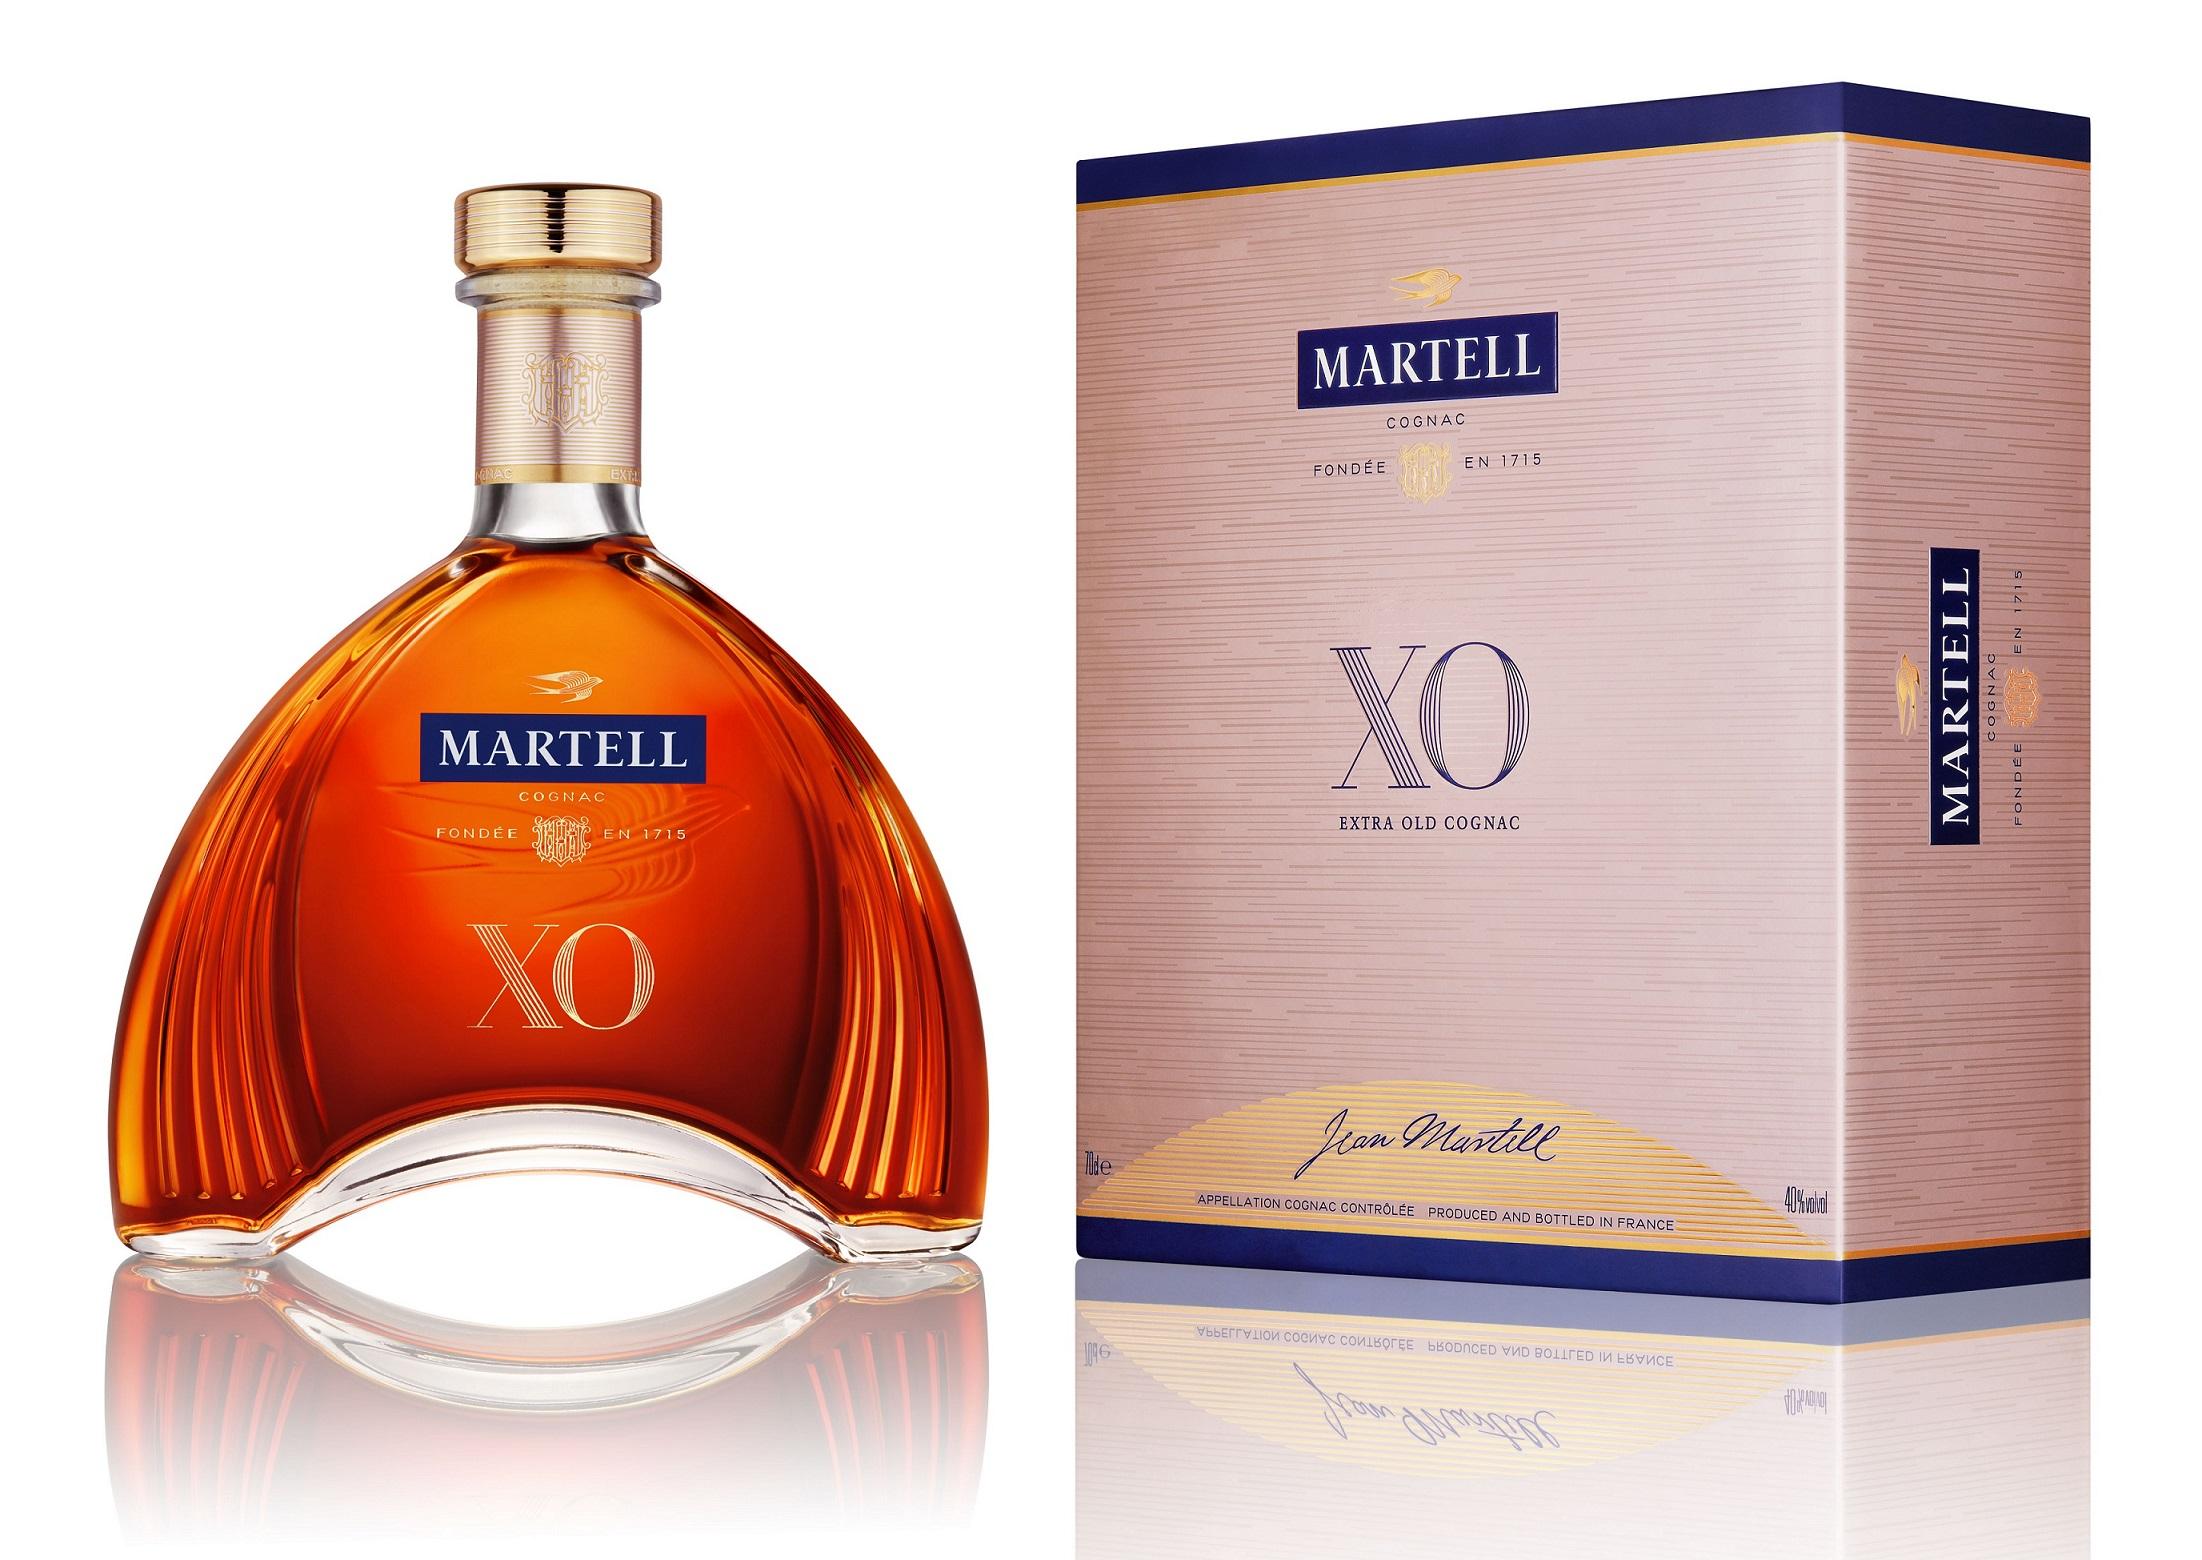 【馬爹利】馬爹利Martell-X.O.單品圖,建議售價NT5200